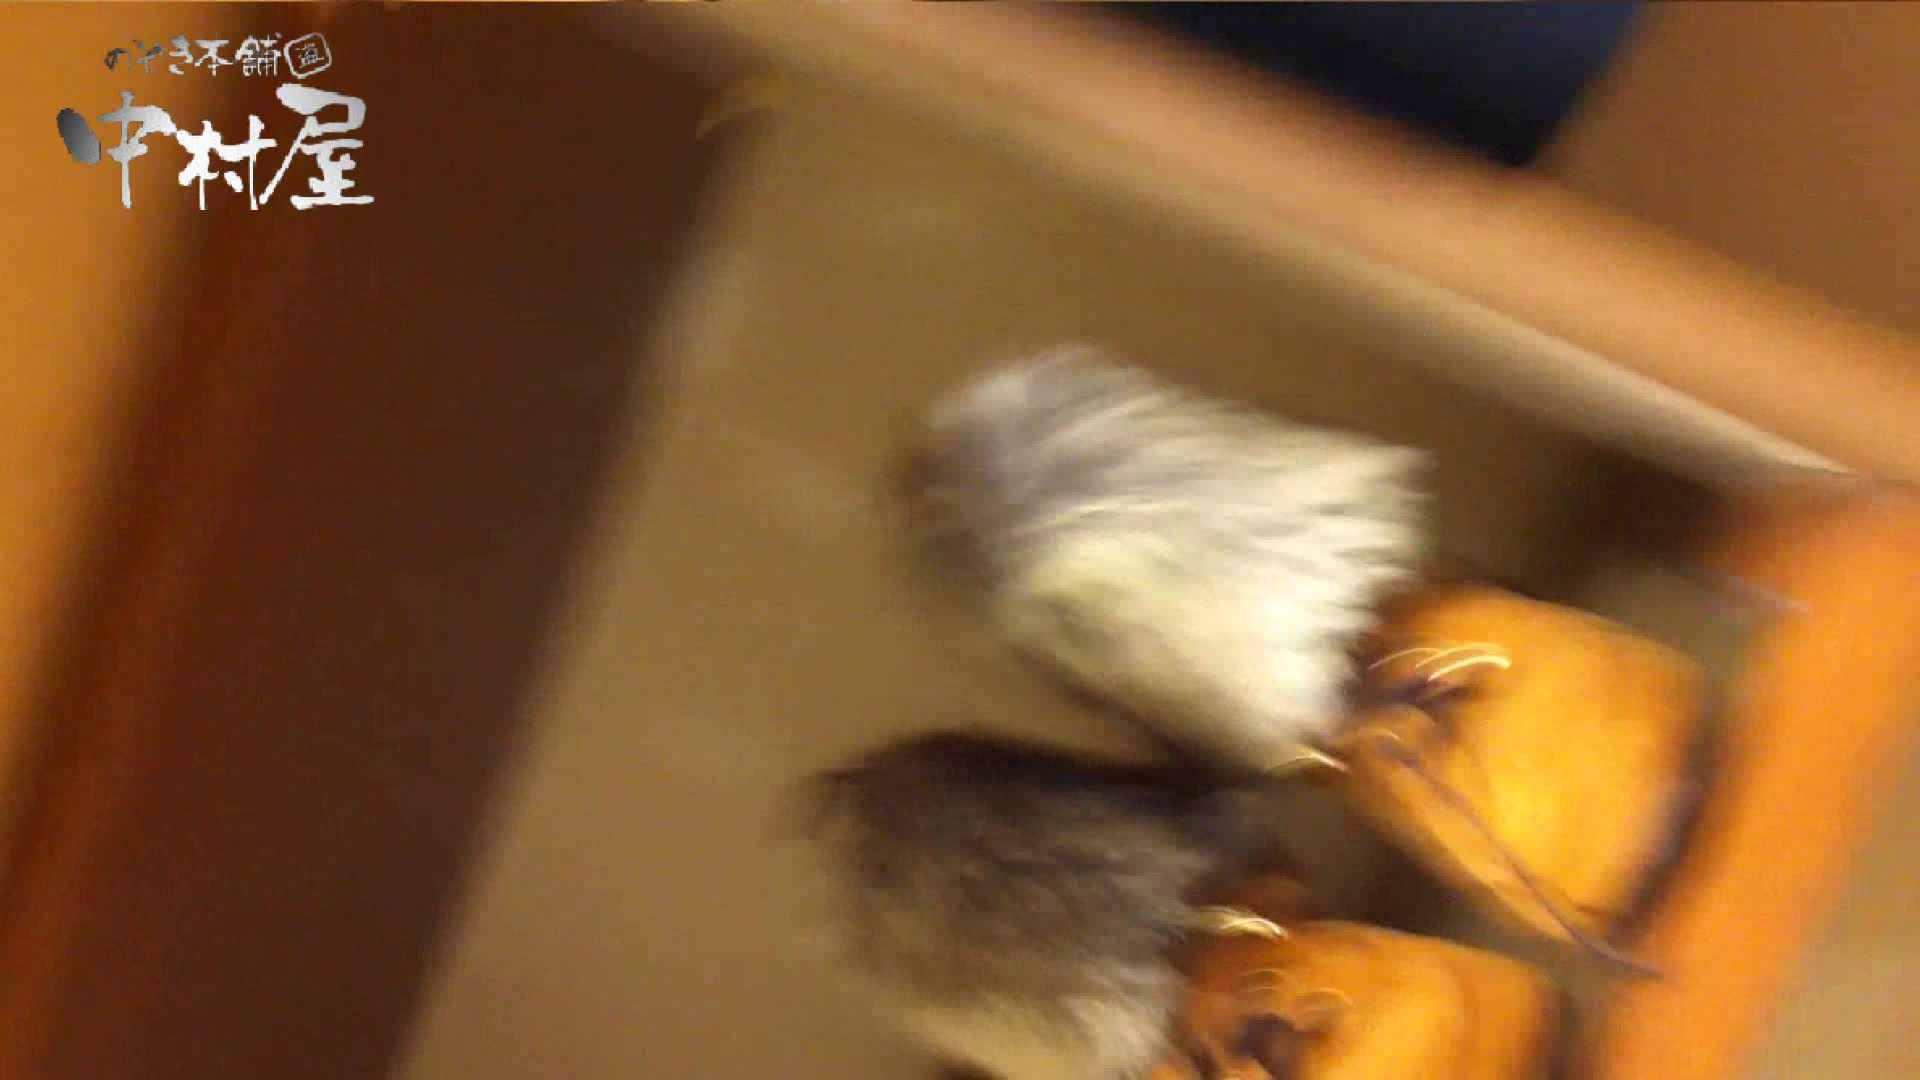 アダルトエロ動画 vol.57 美人アパレル胸チラ&パンチラ 激カワ店員のおっぱい のぞき本舗 中村屋